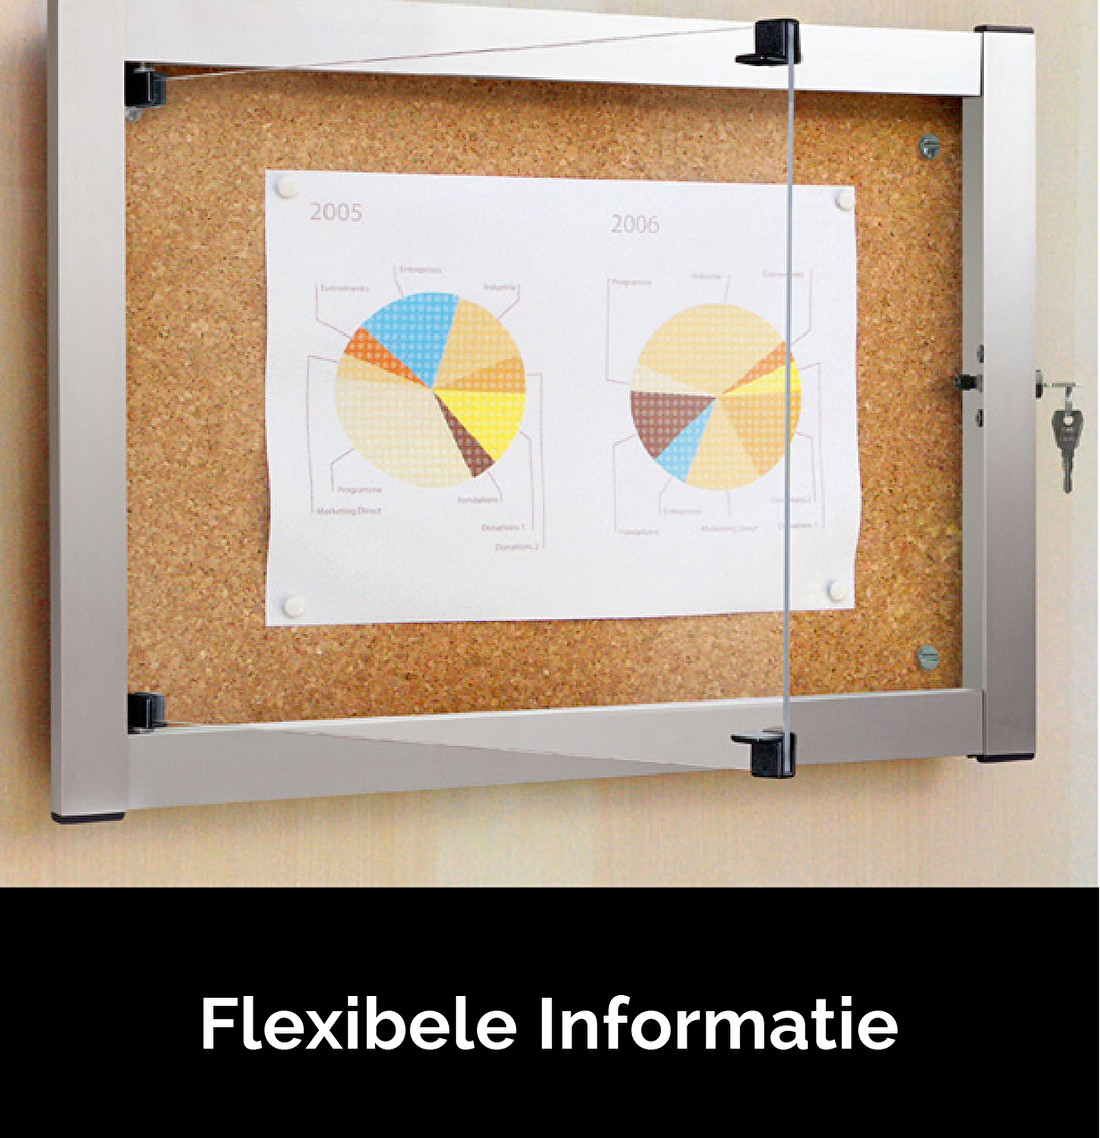 Flexibele informatie.jpg